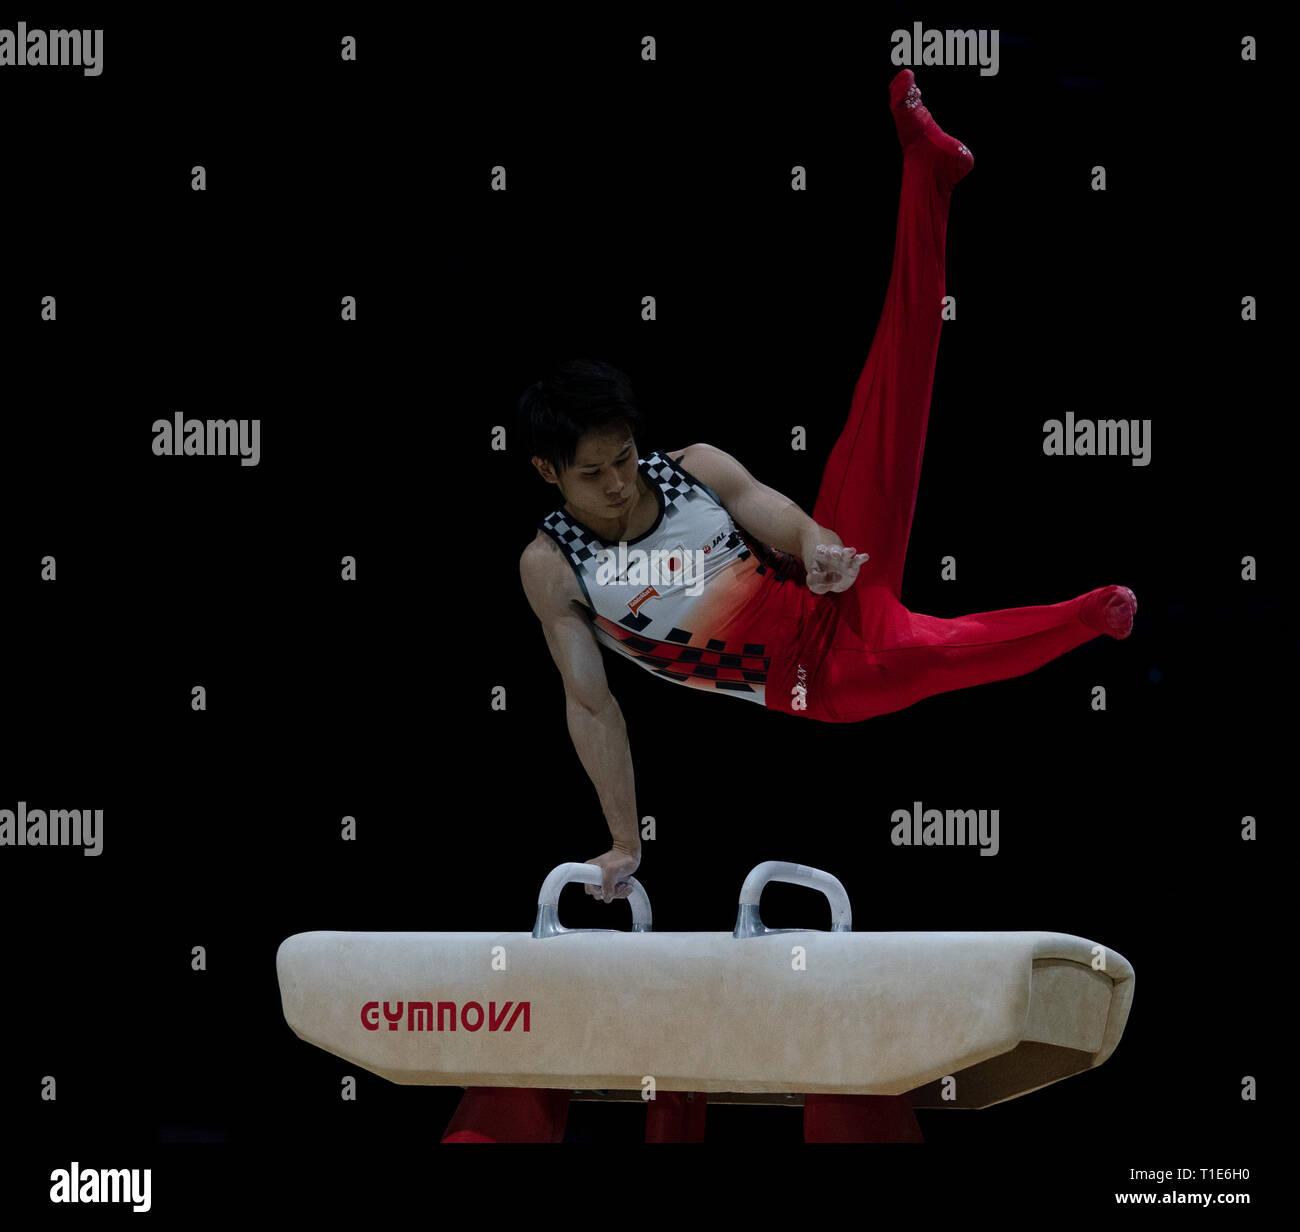 Kazuma Kaya (Japan), die in Aktion während der Gymnastik WM2019 in Genting Arena Birmingham Vereinigtes Königreich am 23. März 2019. GlennSports. Stockfoto